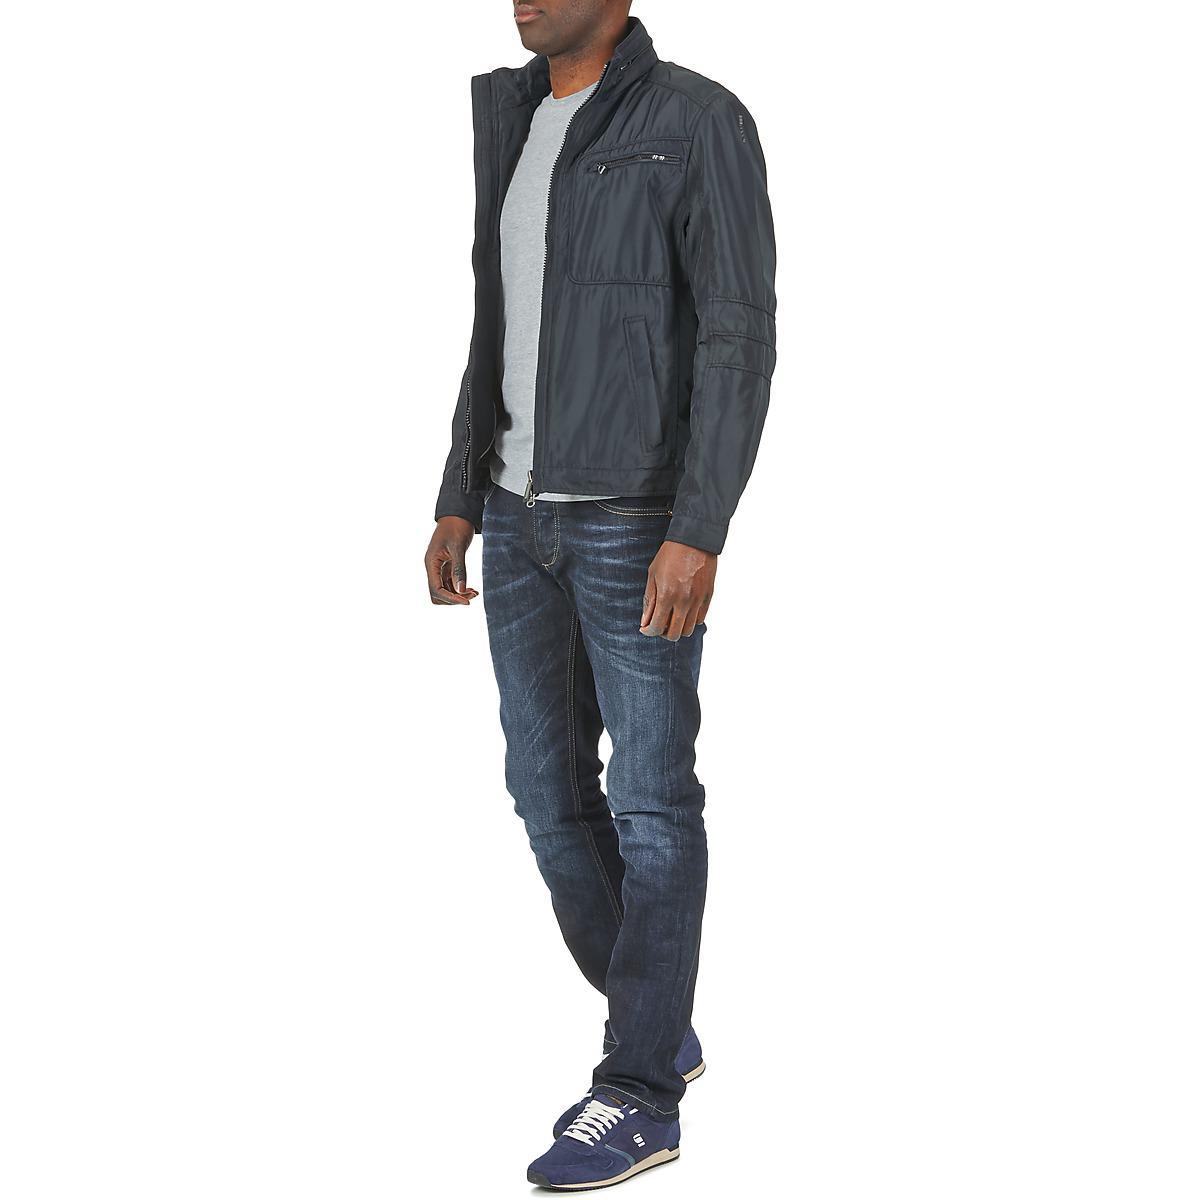 Geox Semma Jacket in Black for Men